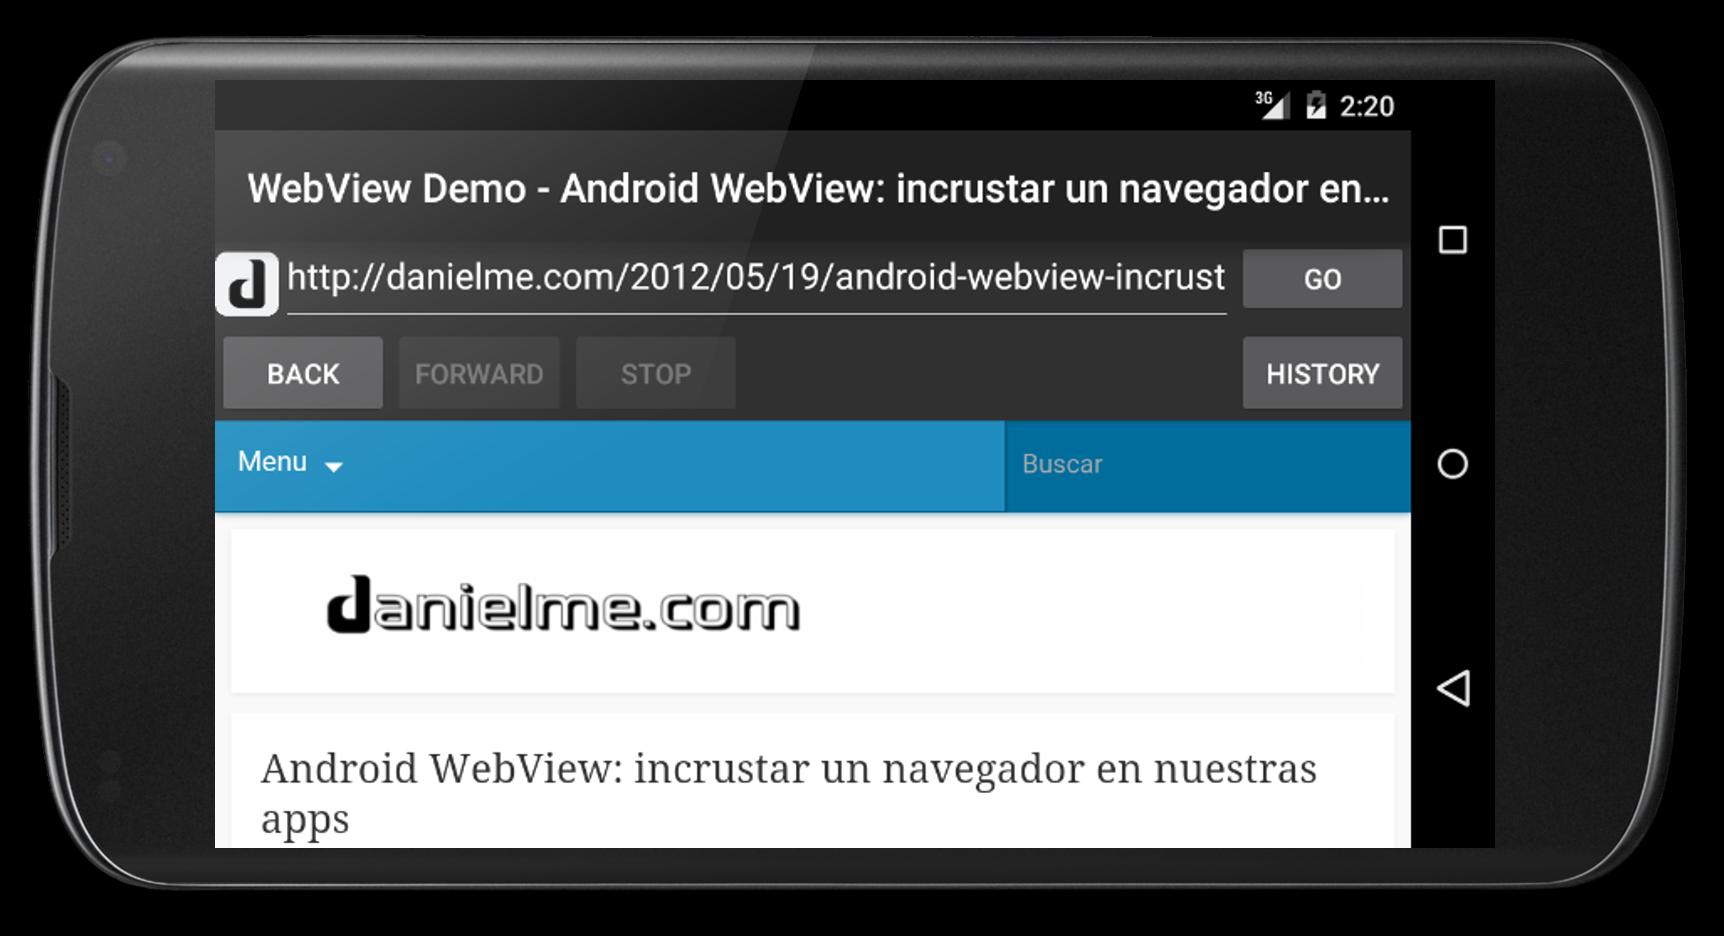 Android Webview Incrustar Un Navegador En Nuestras Apps